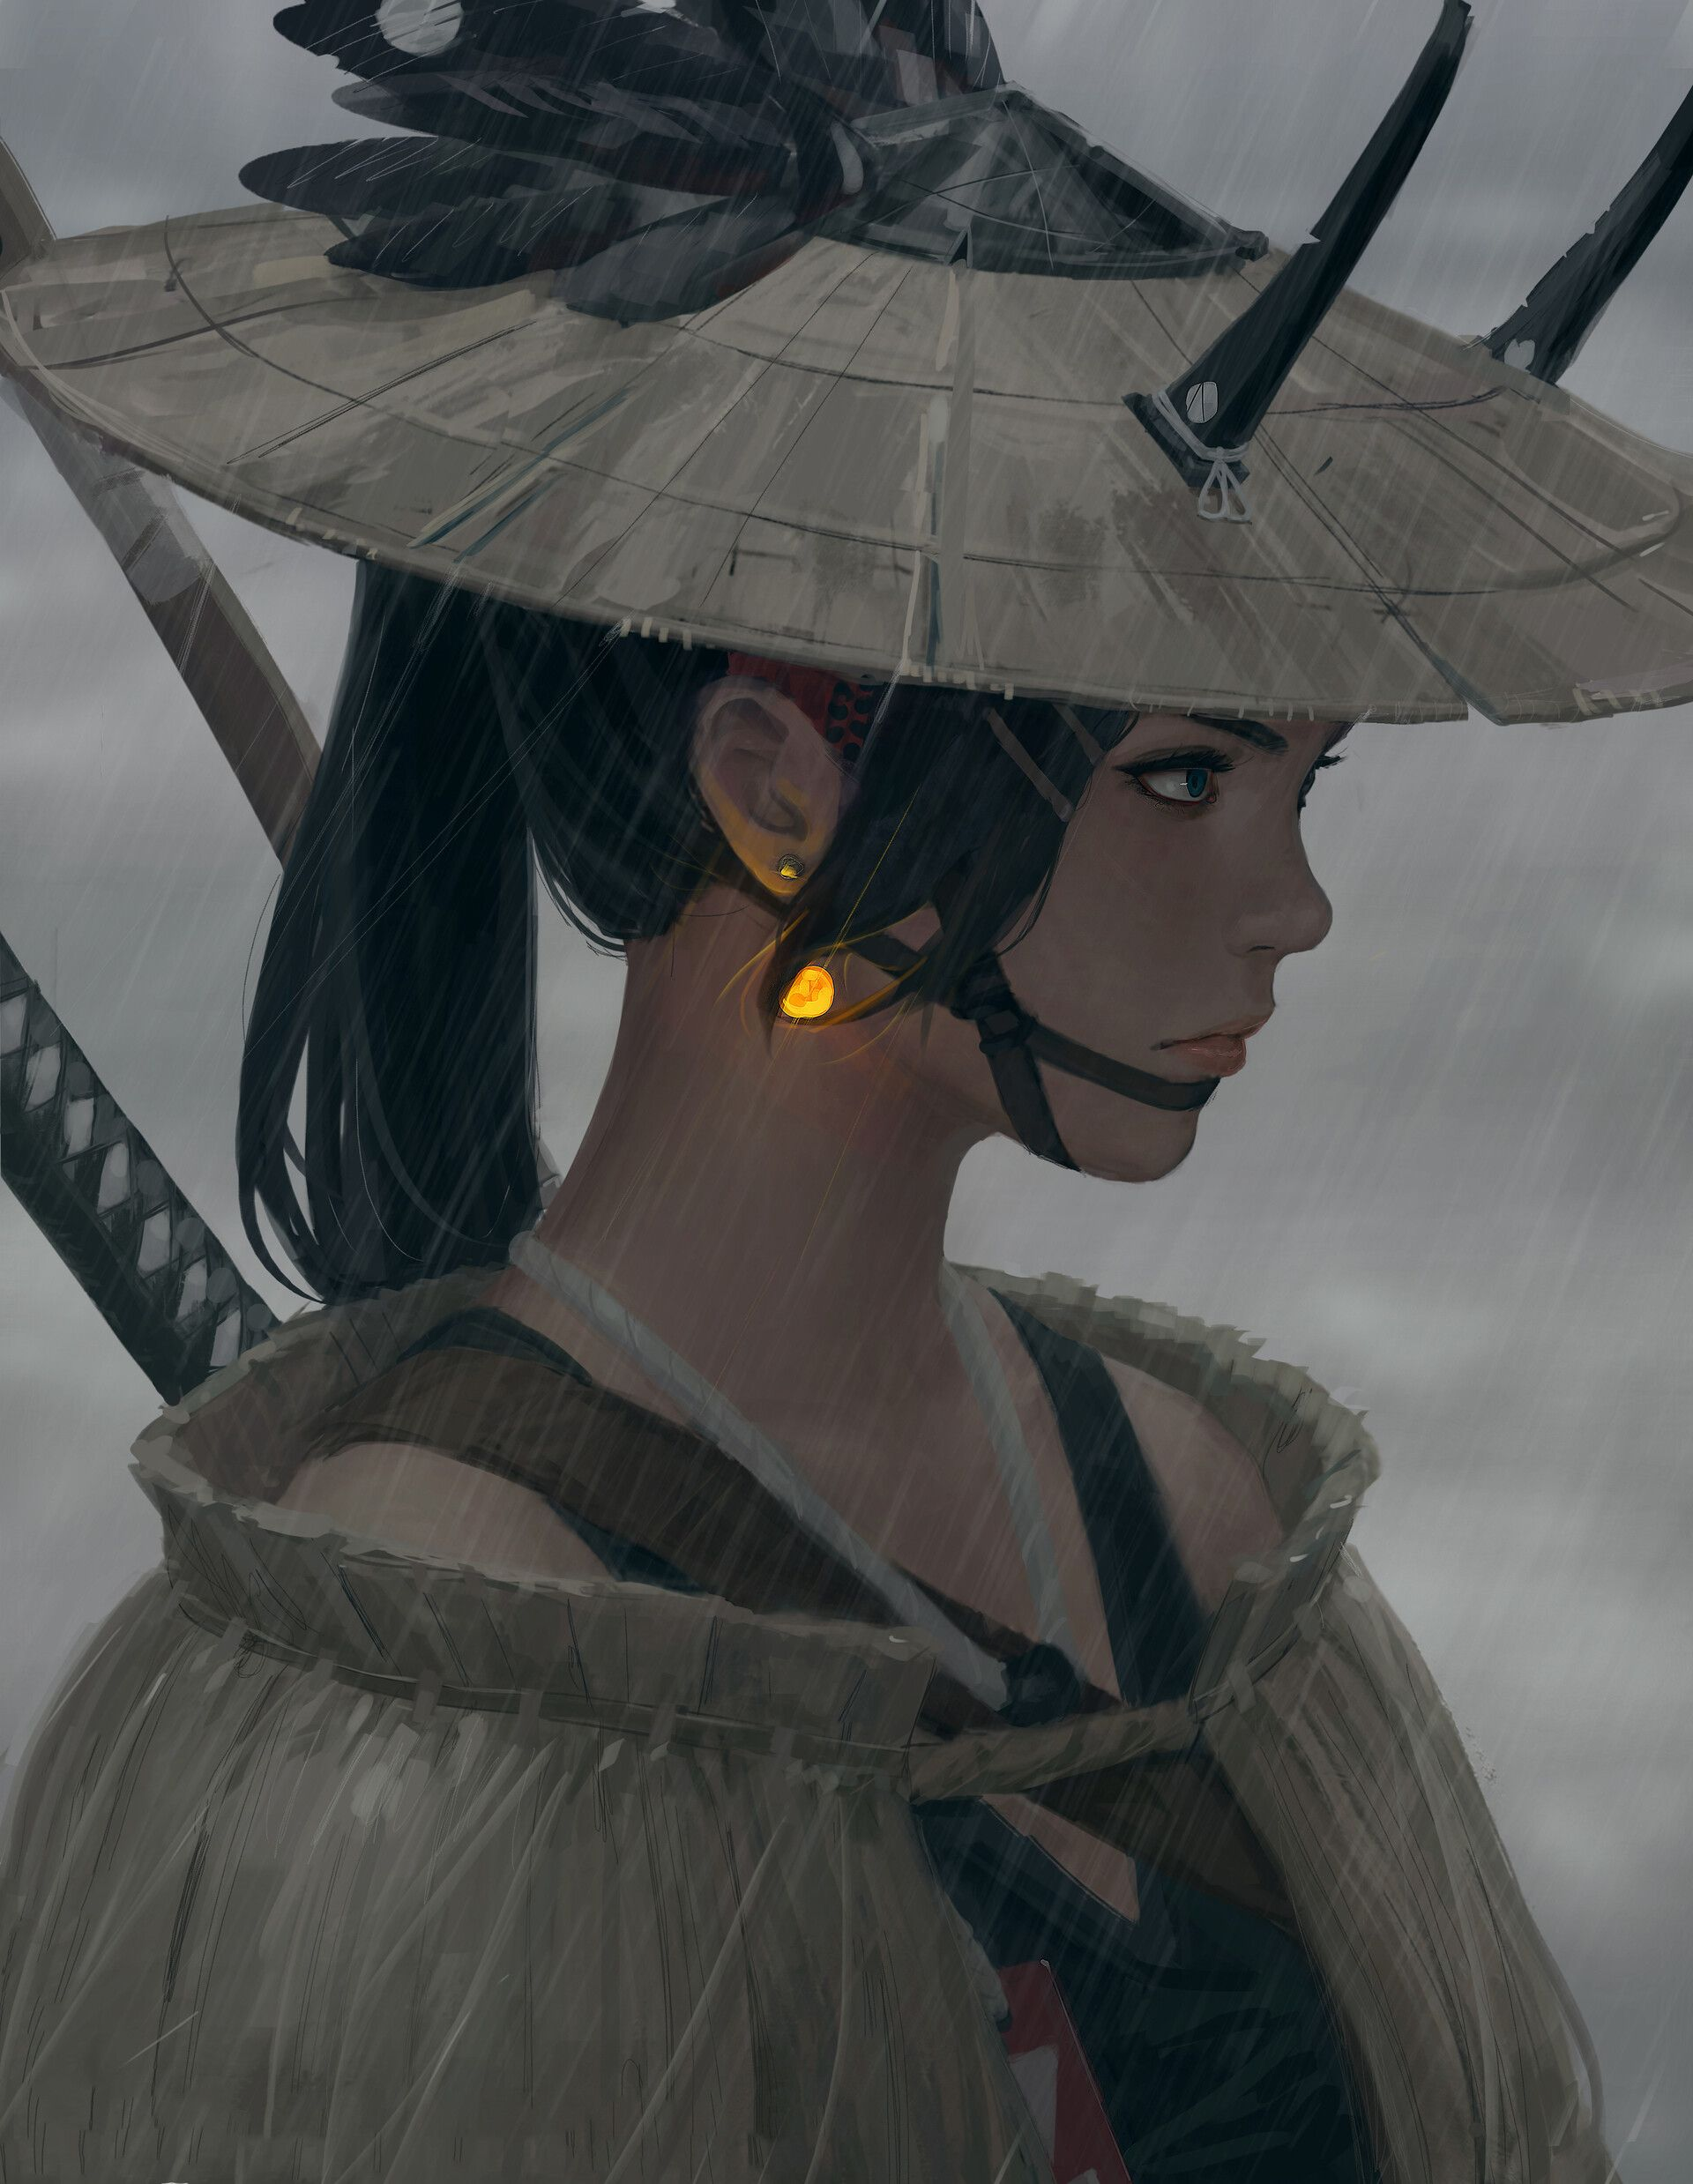 ArtStation Inspector, Z.W. Gu Realistic art, Anime art